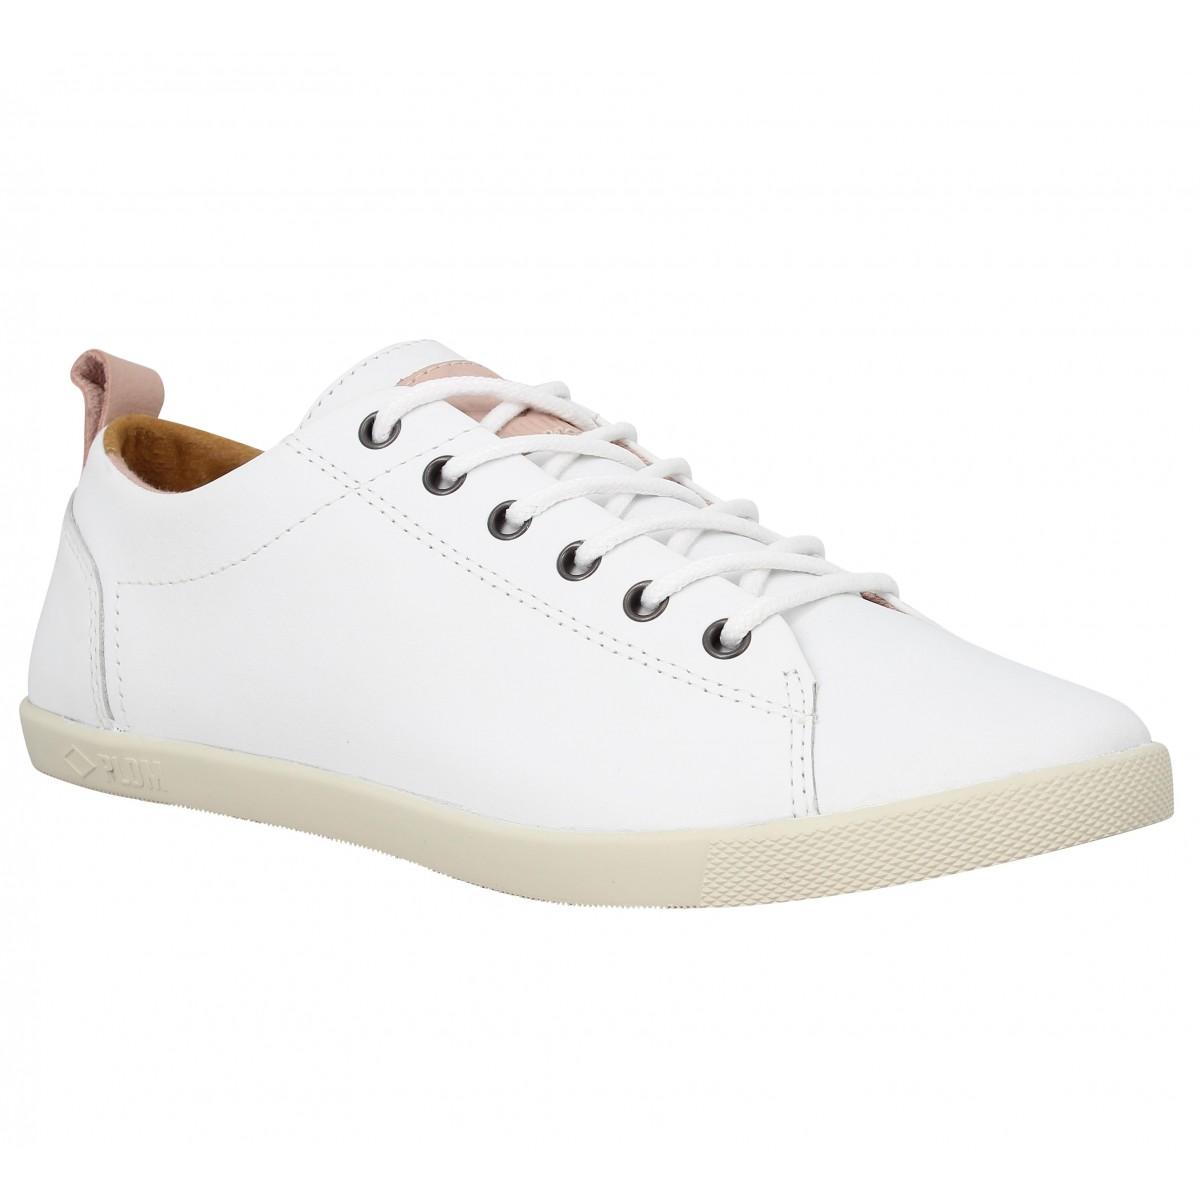 Hommes Pldm By Palladium Shoe White Lace